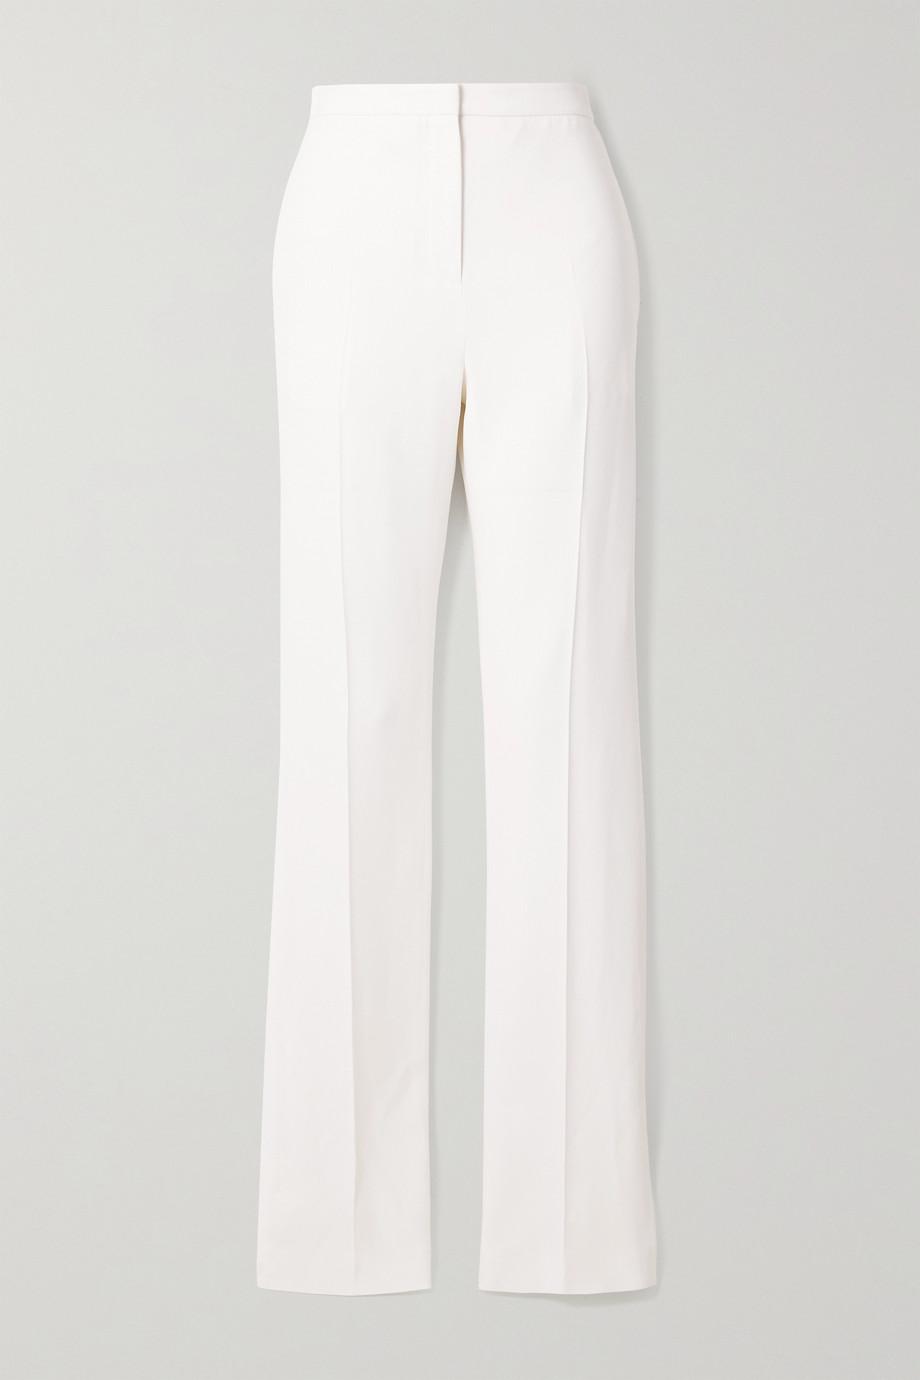 Alexander McQueen Crepe slim-leg pants